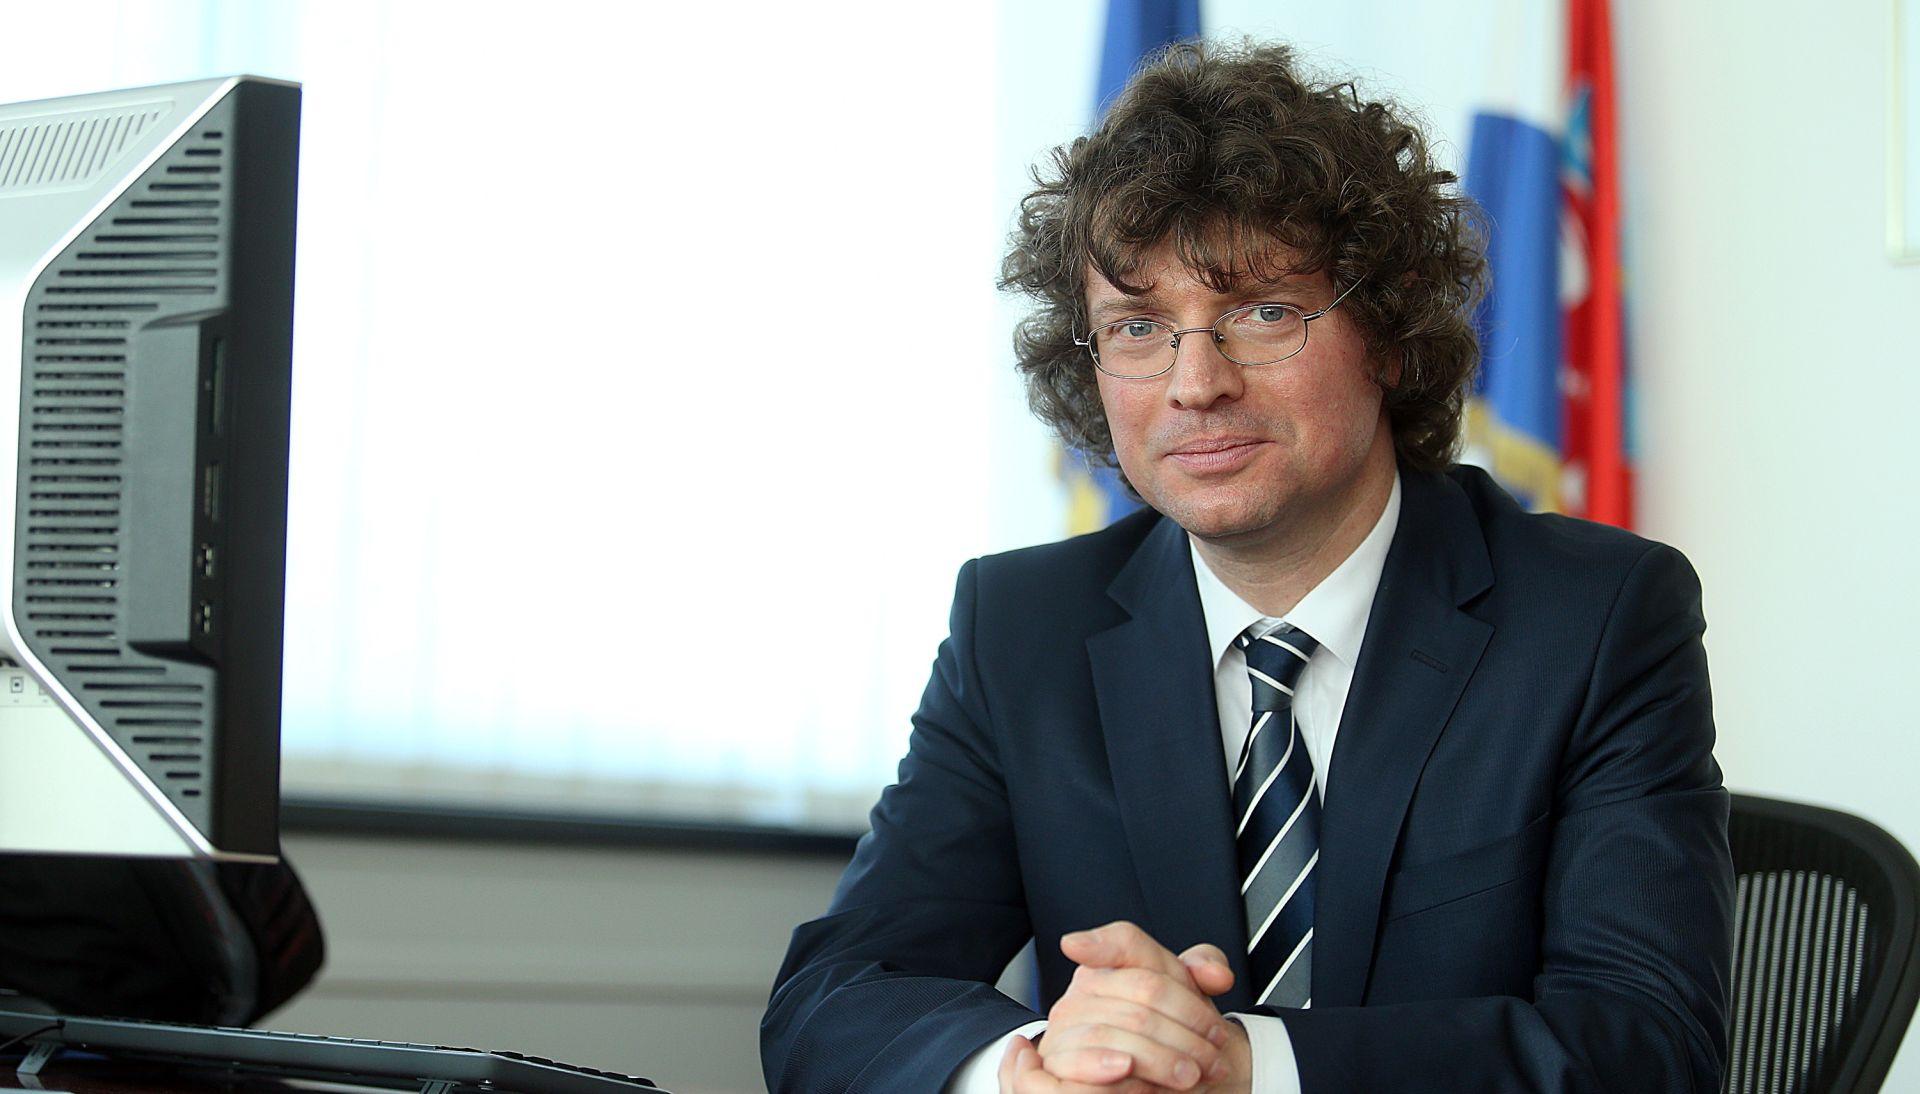 """ŠUSTAR """"Ako se utvrdi da je Brkić plagirao, a postane ministar, to je udarac cijeloj Vladi"""""""